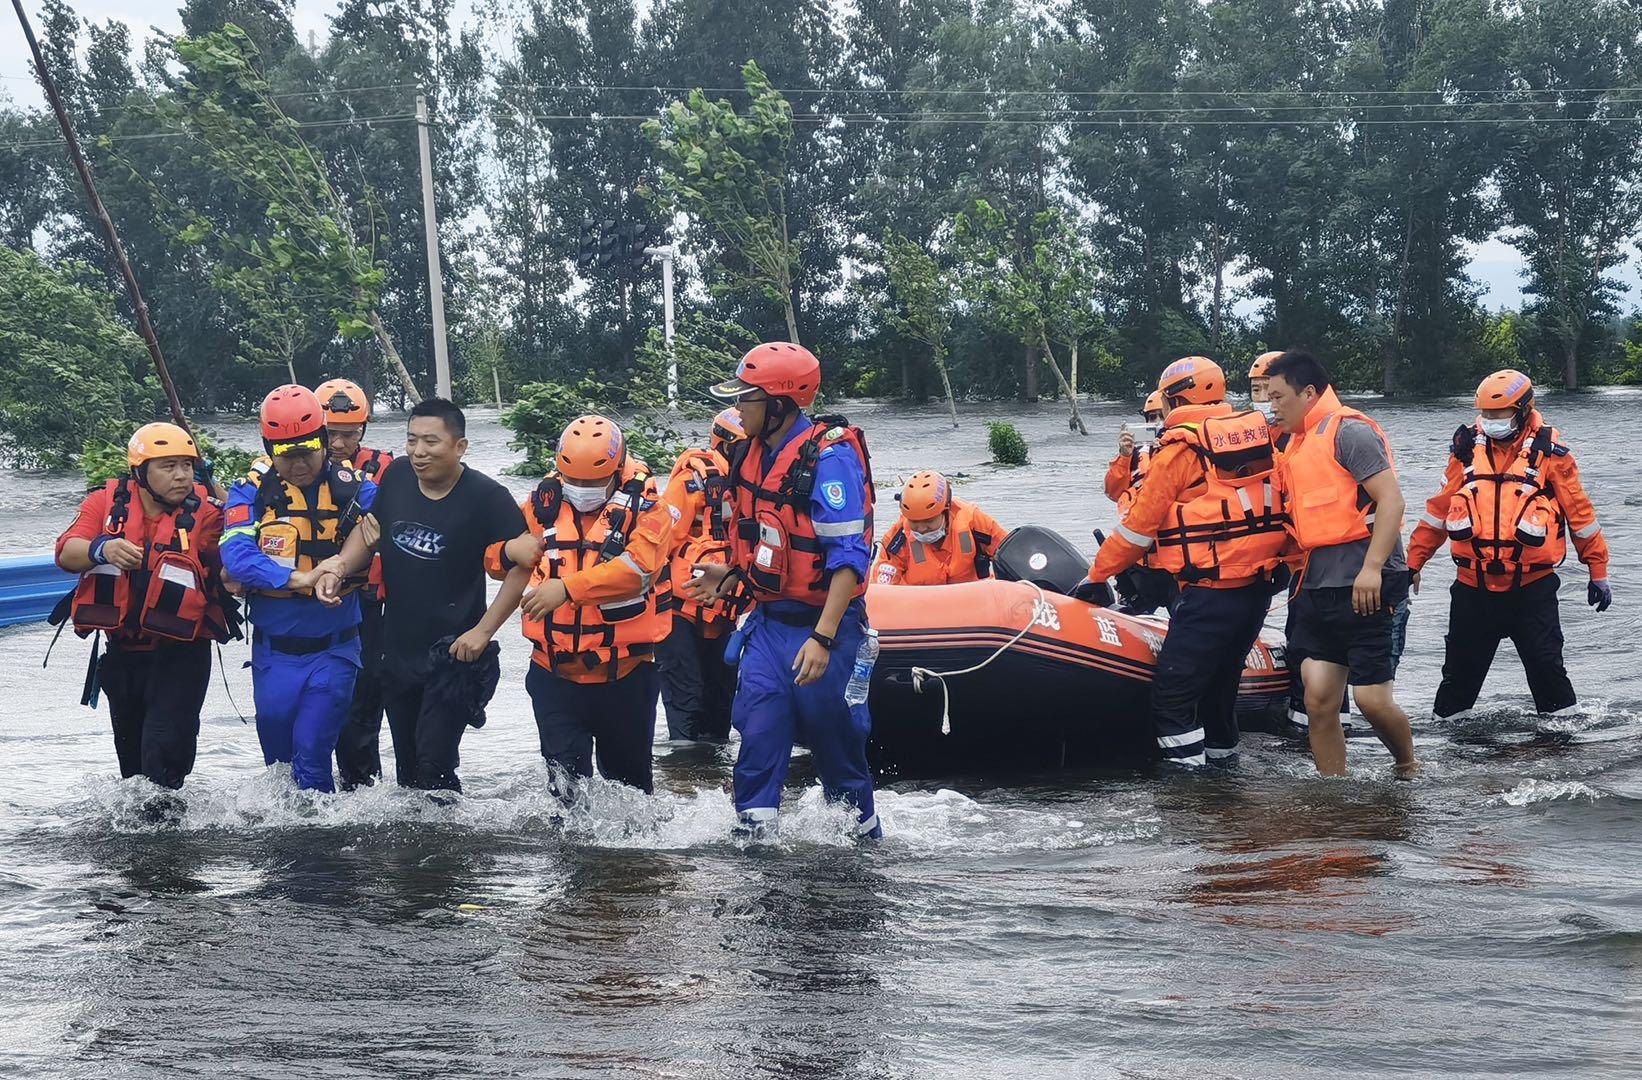 快评|数百支民间救援队驰援河南,展现志愿救援力量